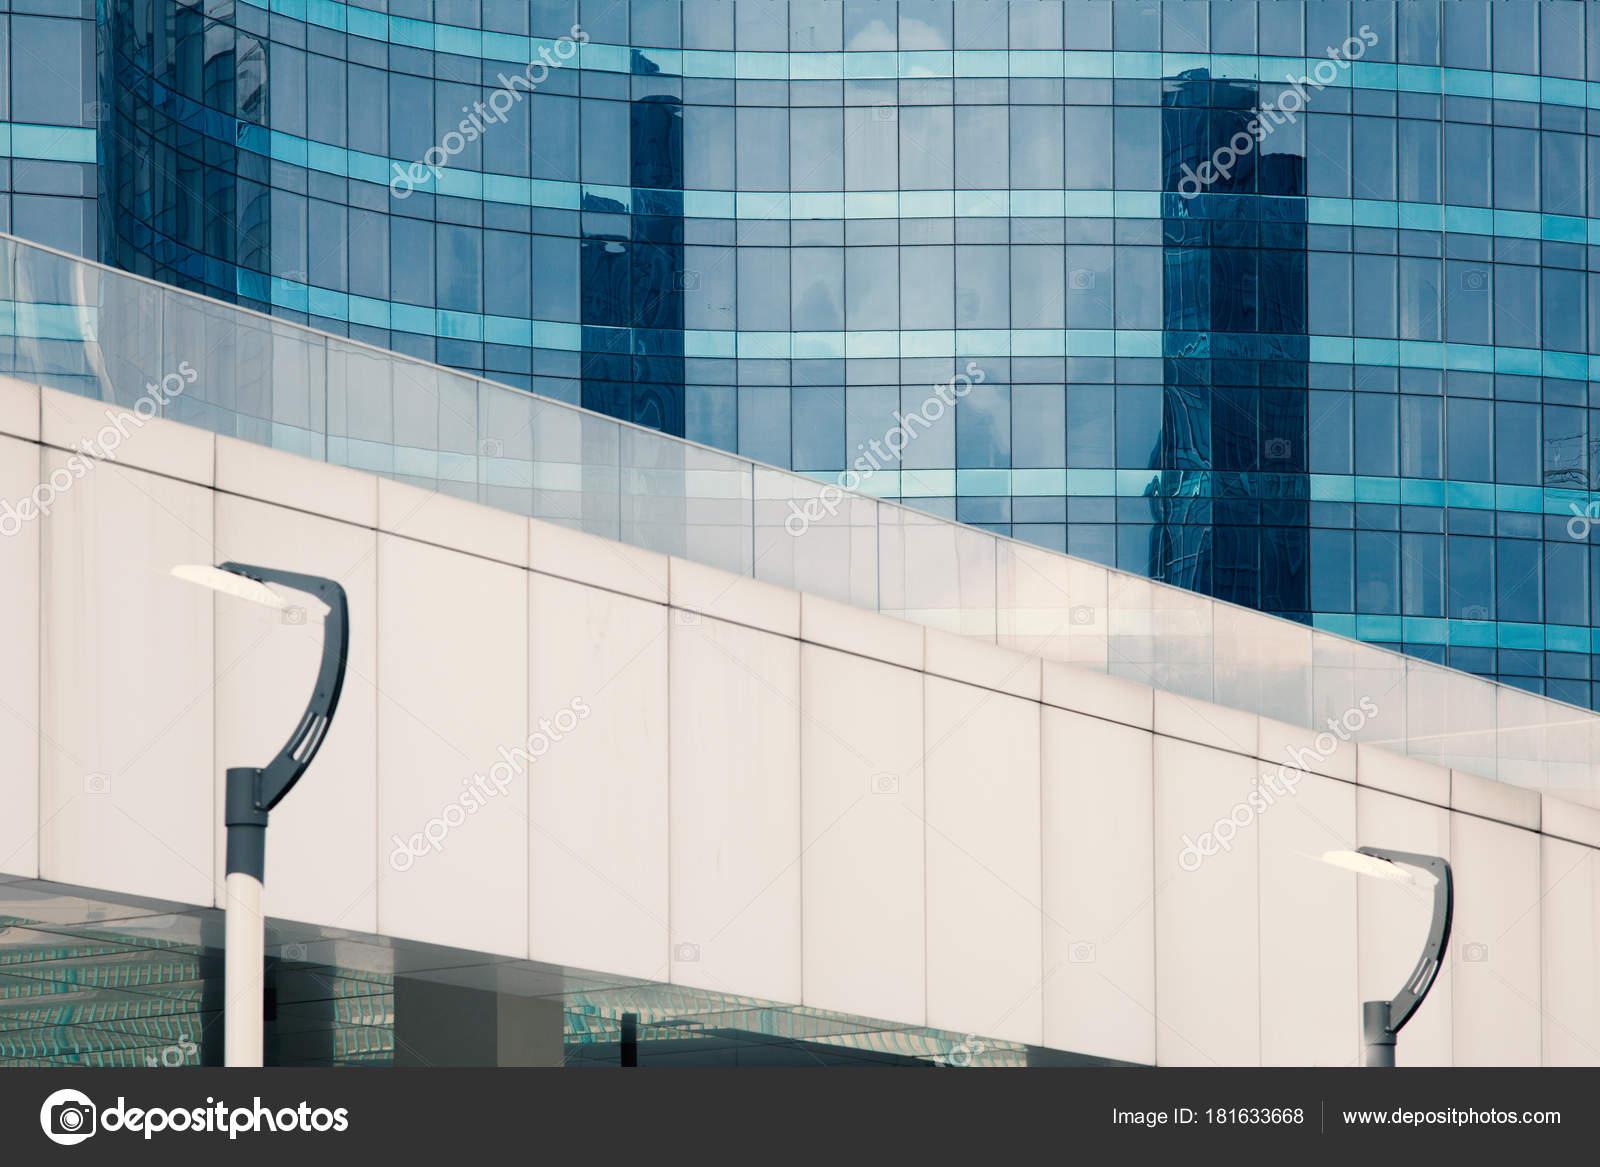 Moderno edificio con architettura vetro facciata vetro edificio